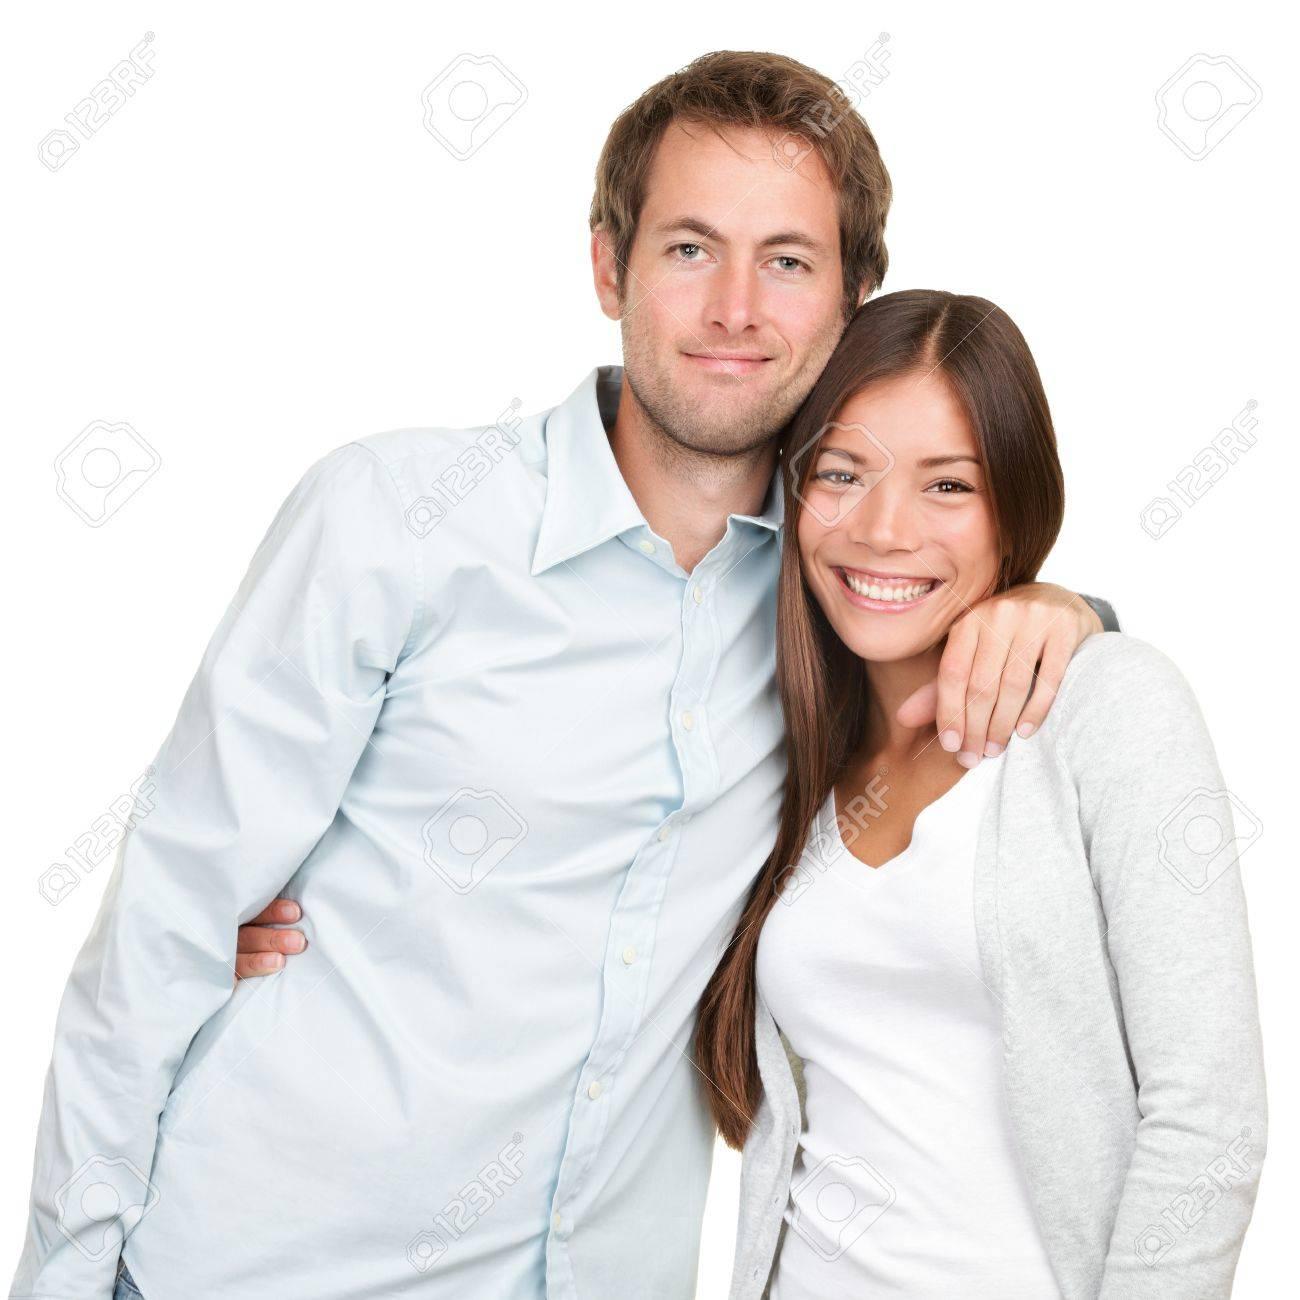 Glückliche junge Paar. Porträt von fröhlichen multiracial Paar lächelnd Blick in die Kamera. Asiatische Frau, kaukasischen Mann. Standard-Bild - 16793346